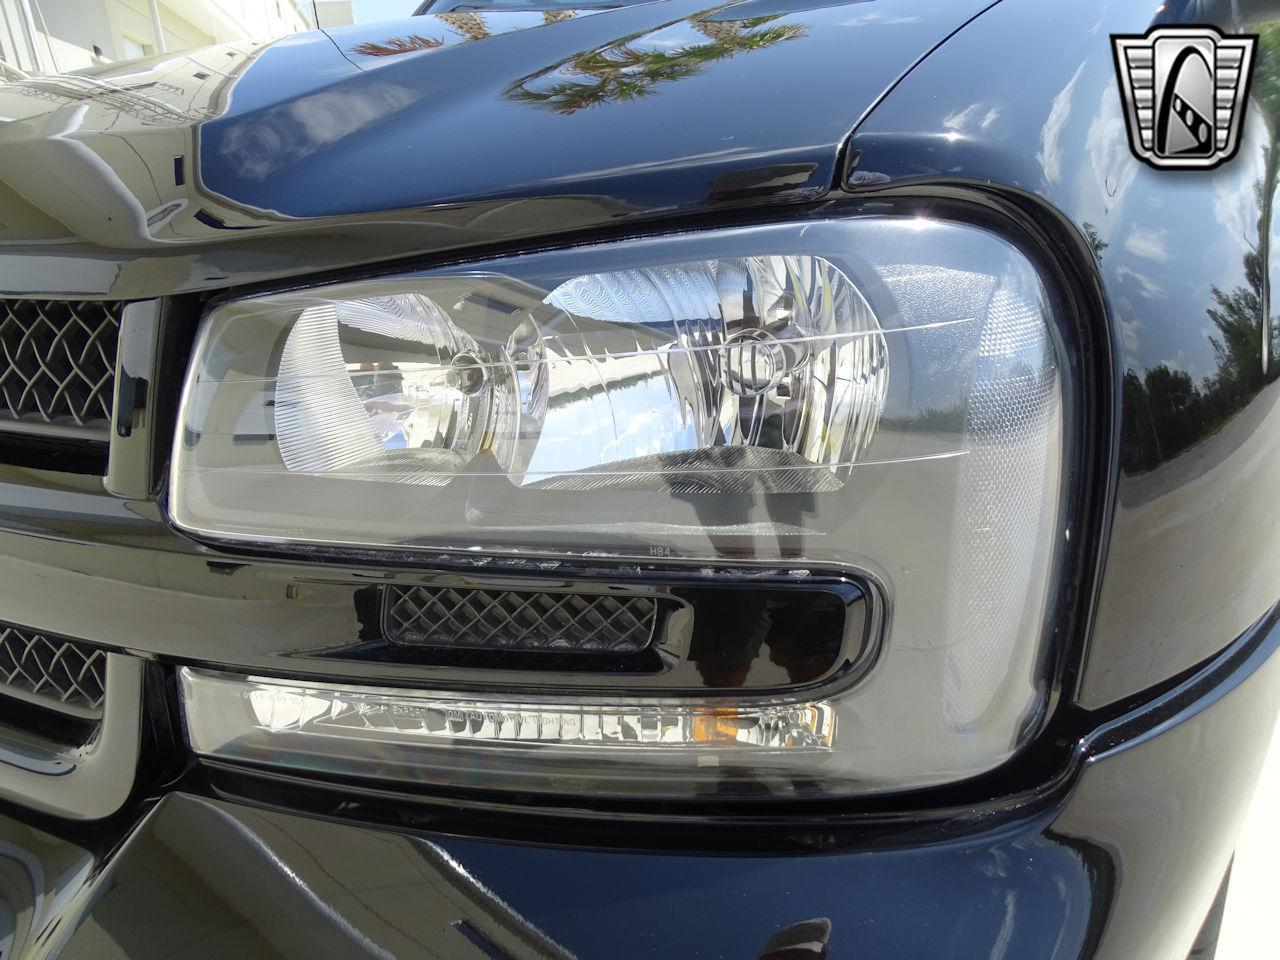 2006 Chevrolet Trailblazer (CC-1352562) for sale in O'Fallon, Illinois